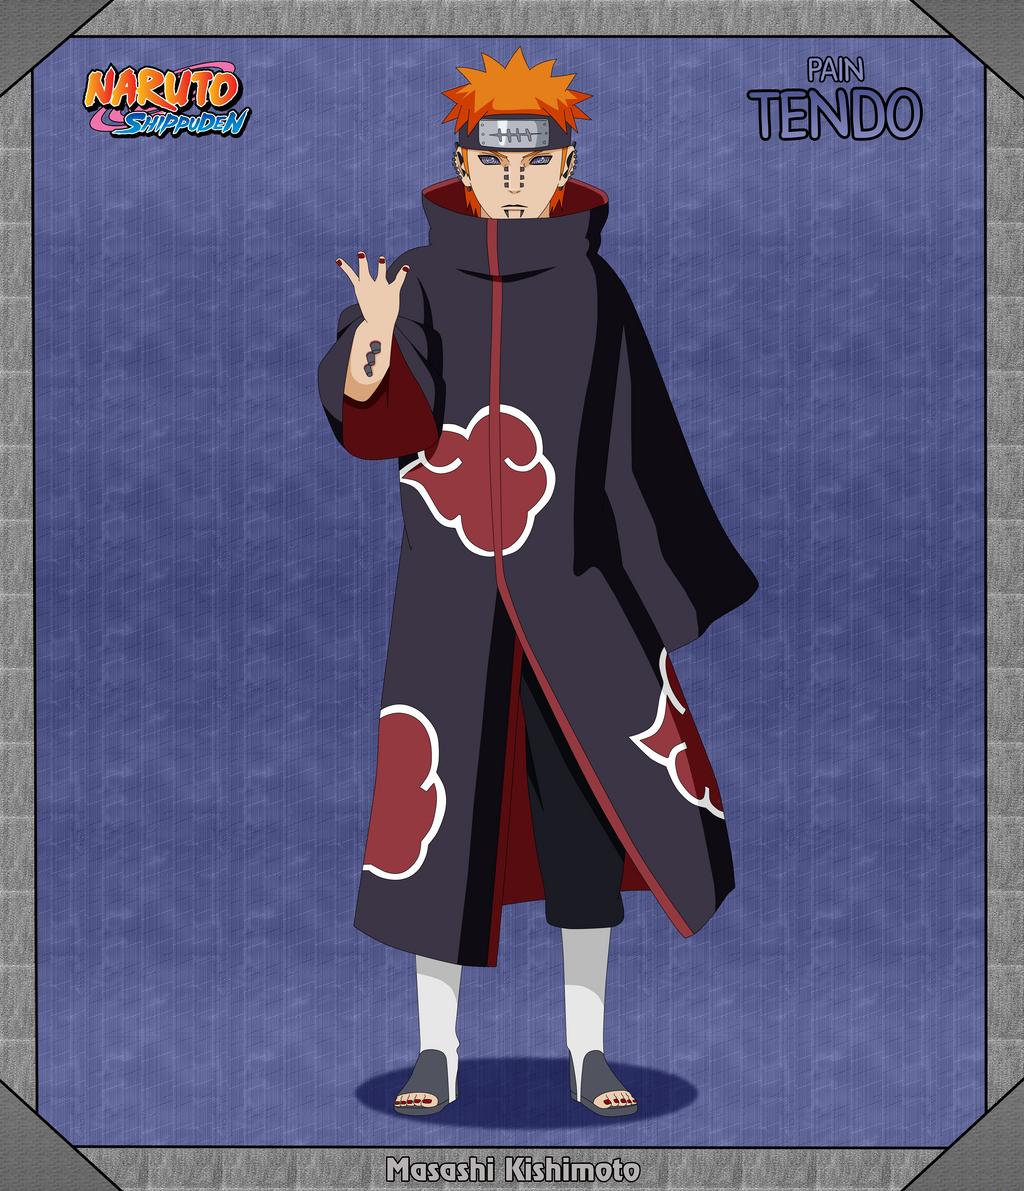 Pain Naruto Wallpaper: Pain Tendo By Toroi-san On DeviantArt